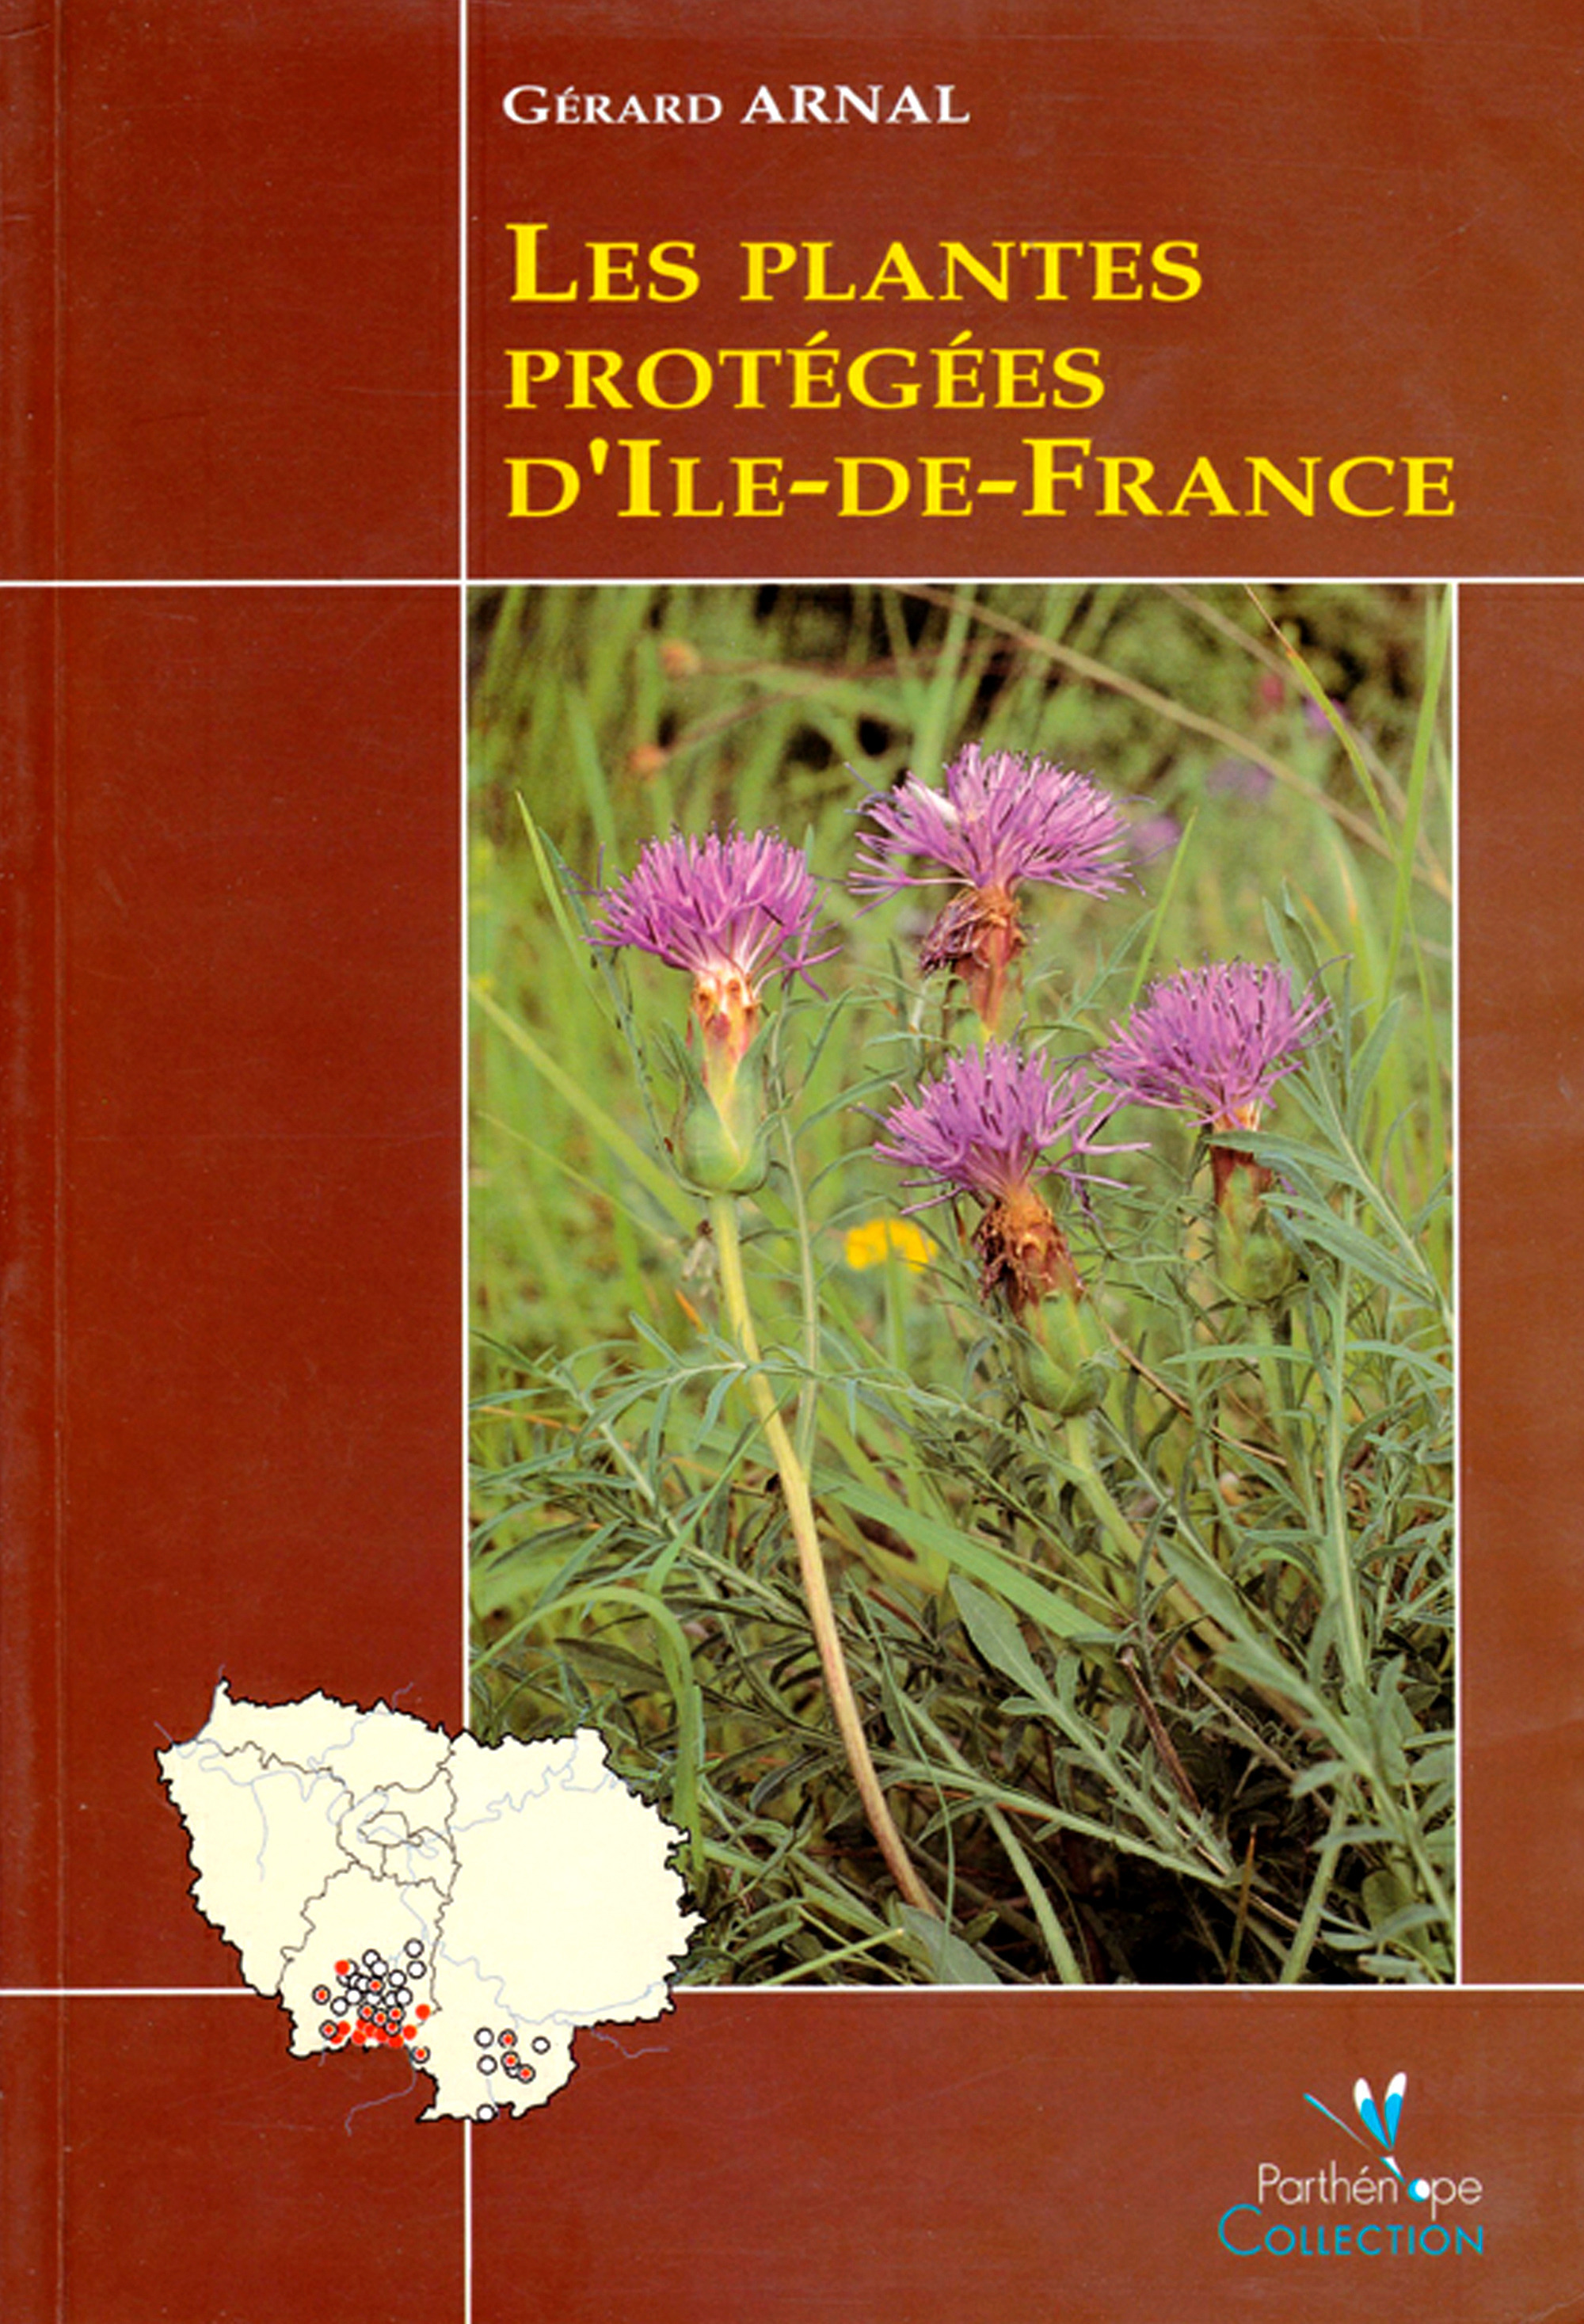 Gérard Arnal Les plantes protégées d'Île-de-France